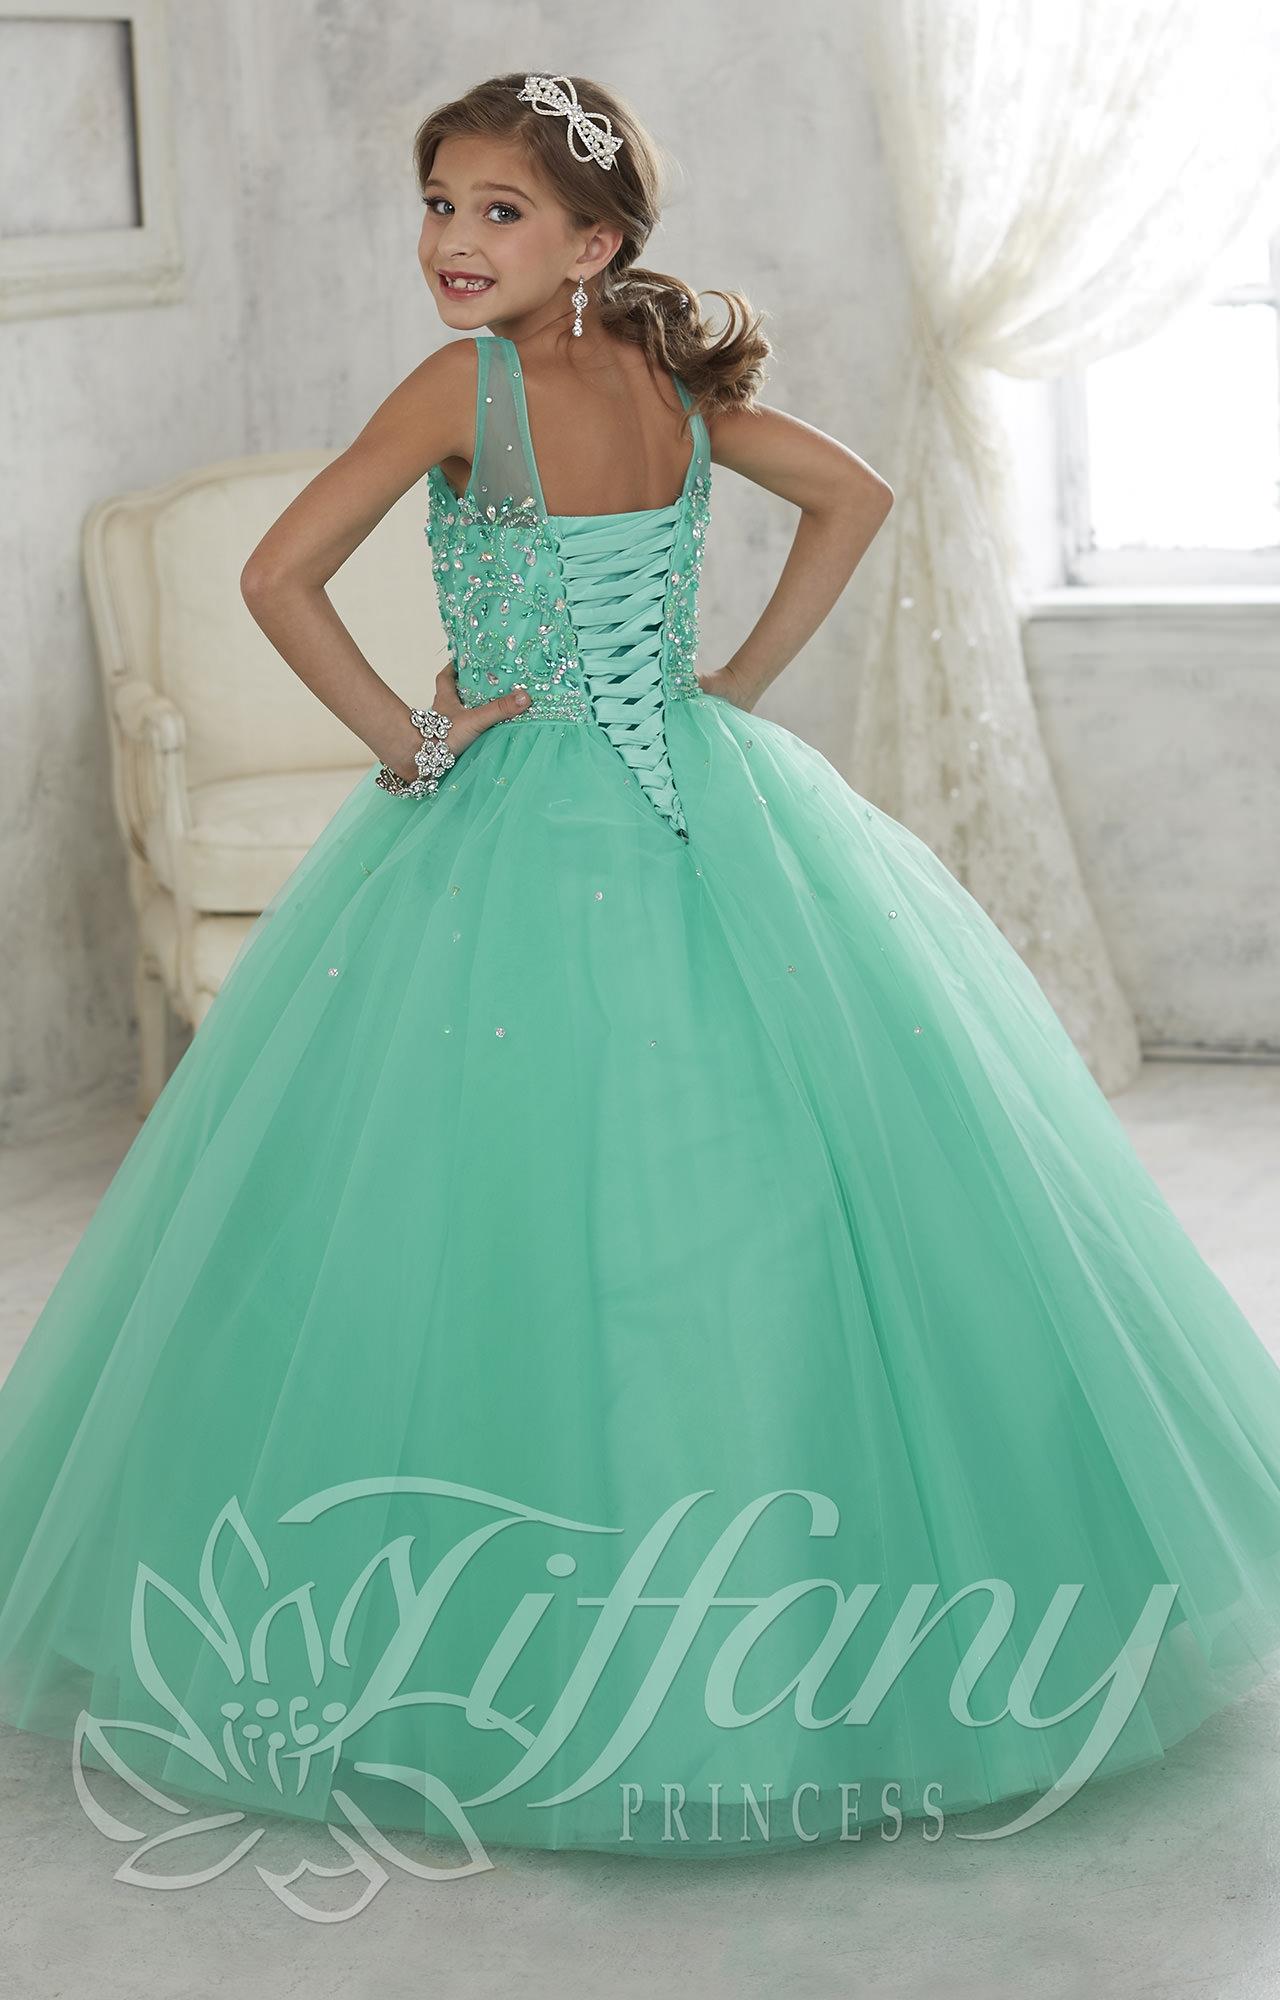 Tiffany Princess 13442 - Ballgown Dreams Dress Prom Dress